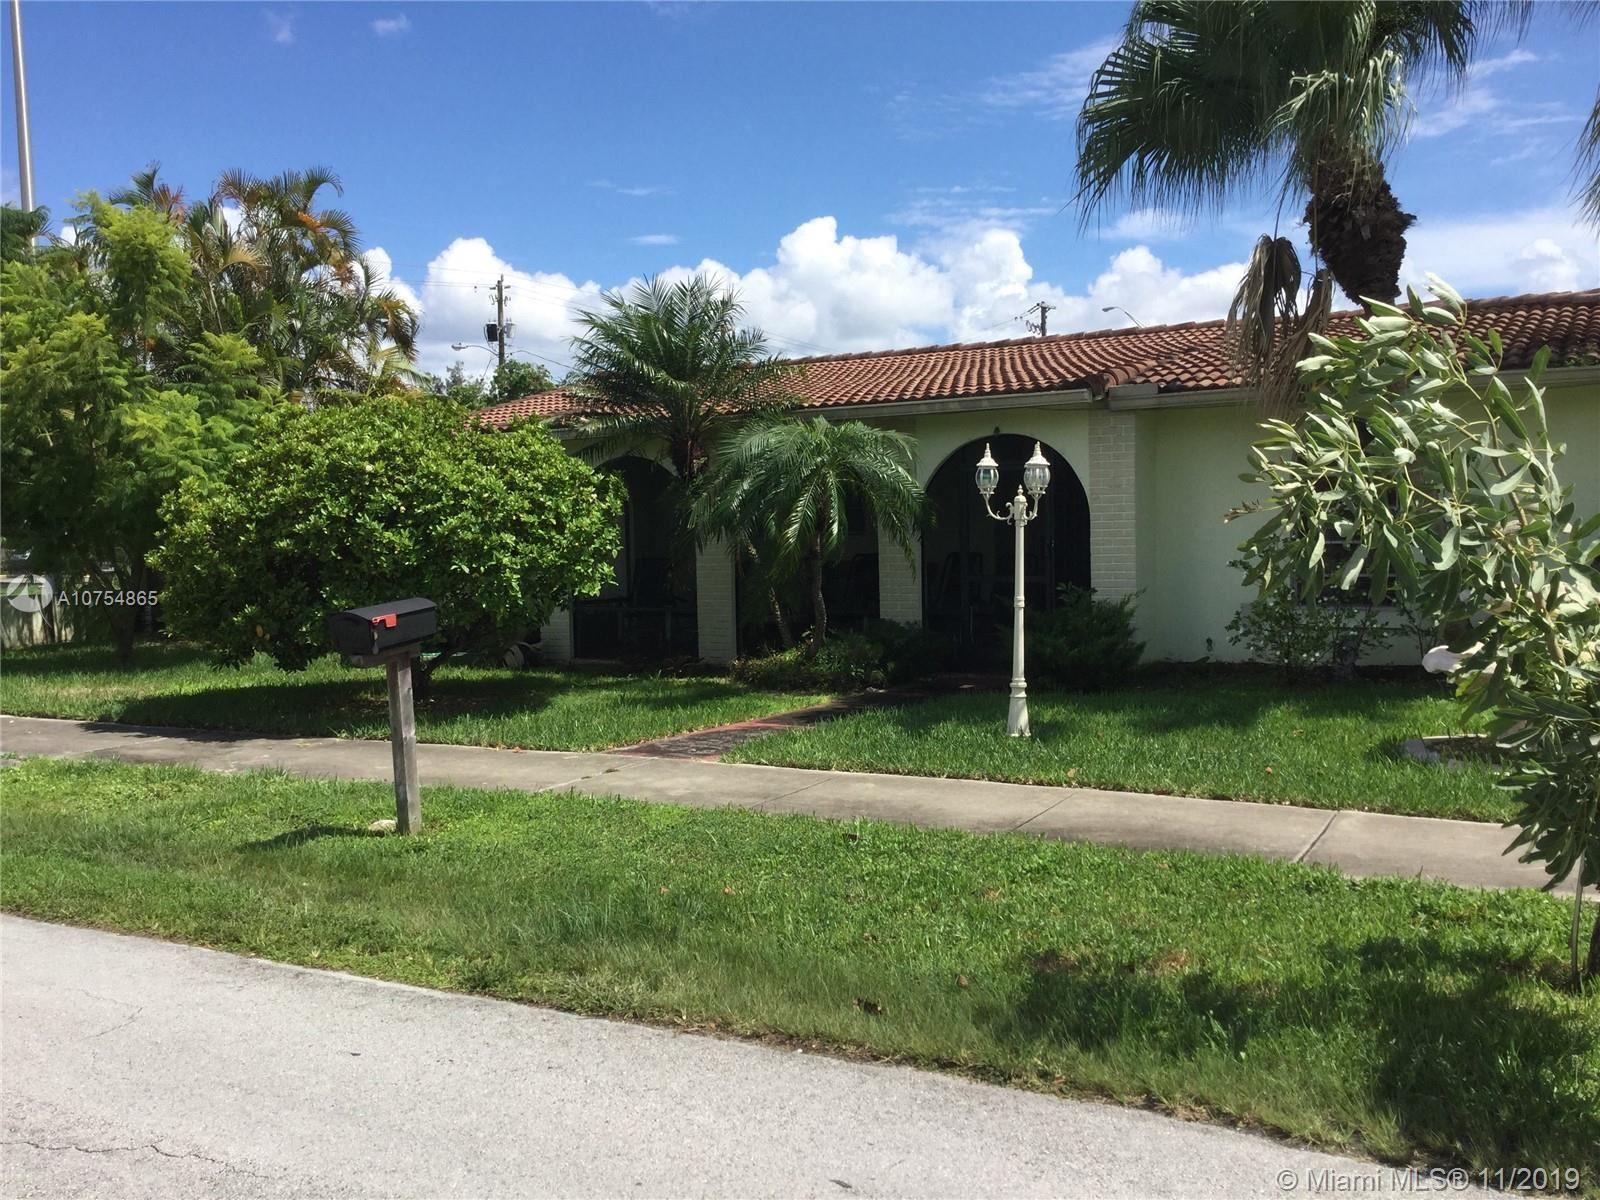 12700 SW 40th St, Miami, FL 33175 - #: A10754865